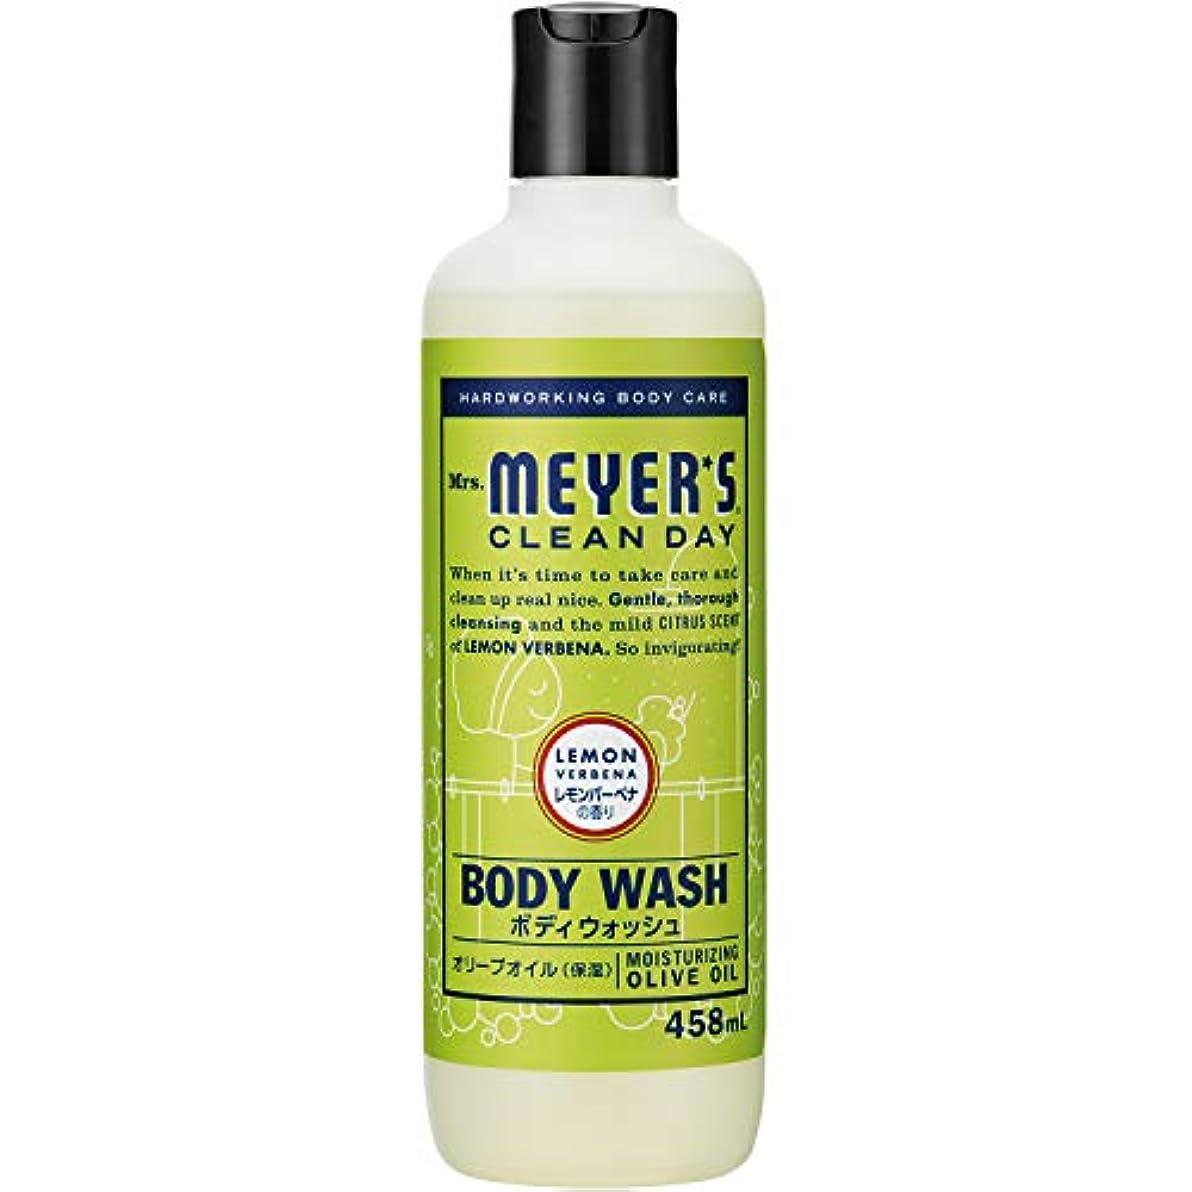 粘液出血胸Mrs. MEYER'S CLEAN DAY(ミセスマイヤーズ クリーンデイ) ミセスマイヤーズ クリーンデイ(Mrs.Meyers Clean Day) ボディウォッシュ レモンバーベナの香り 458ml ボディソープ